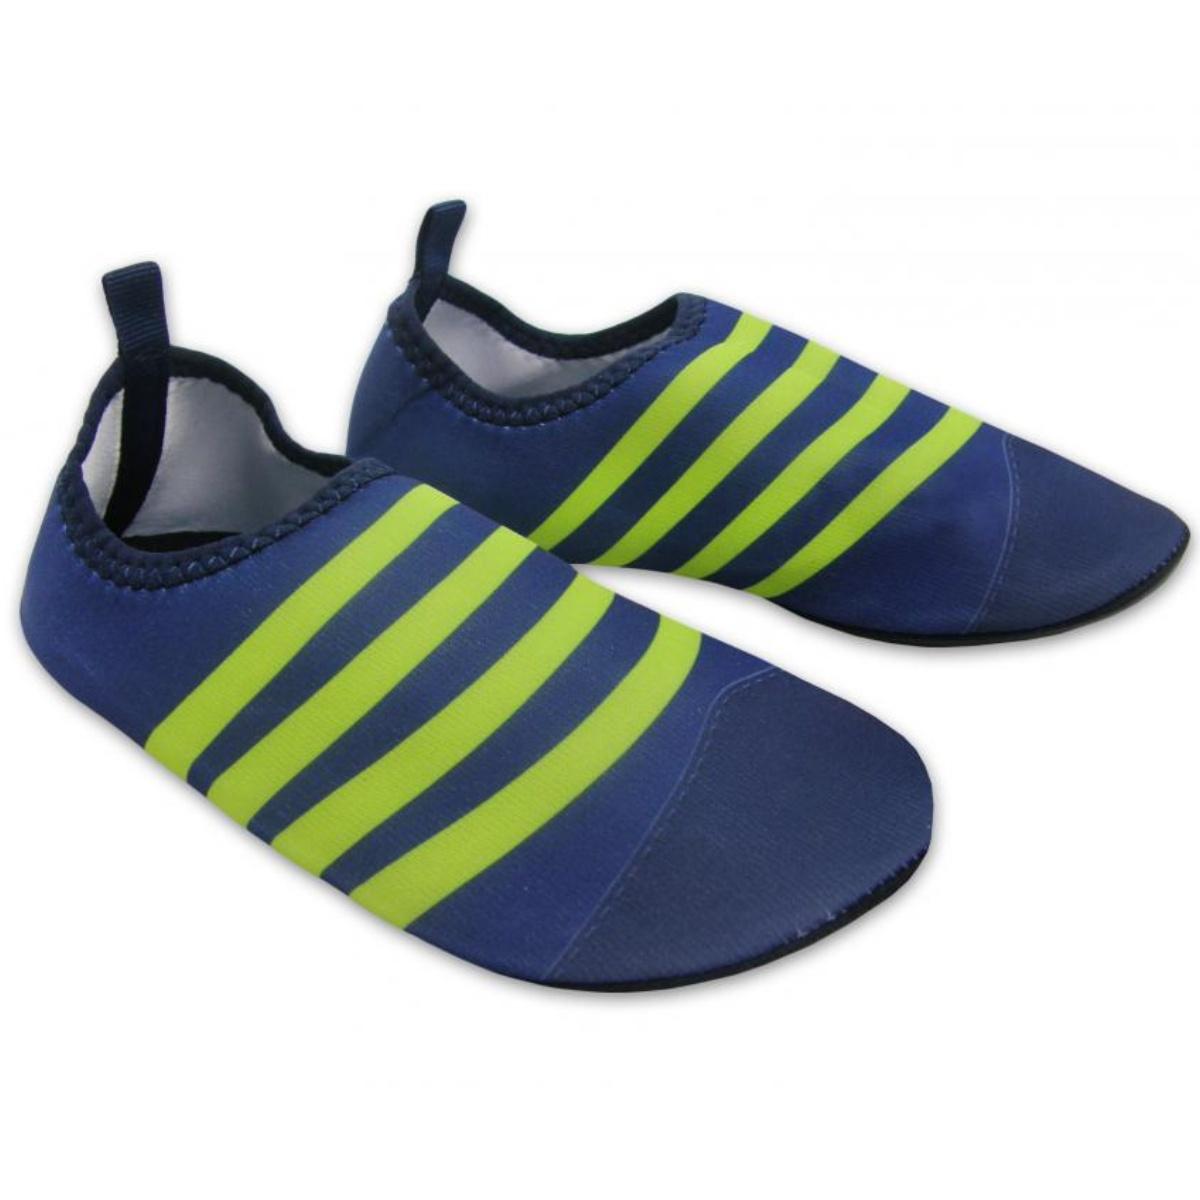 Topánky do vody SEDCO Strips modré - veľ. 37-38